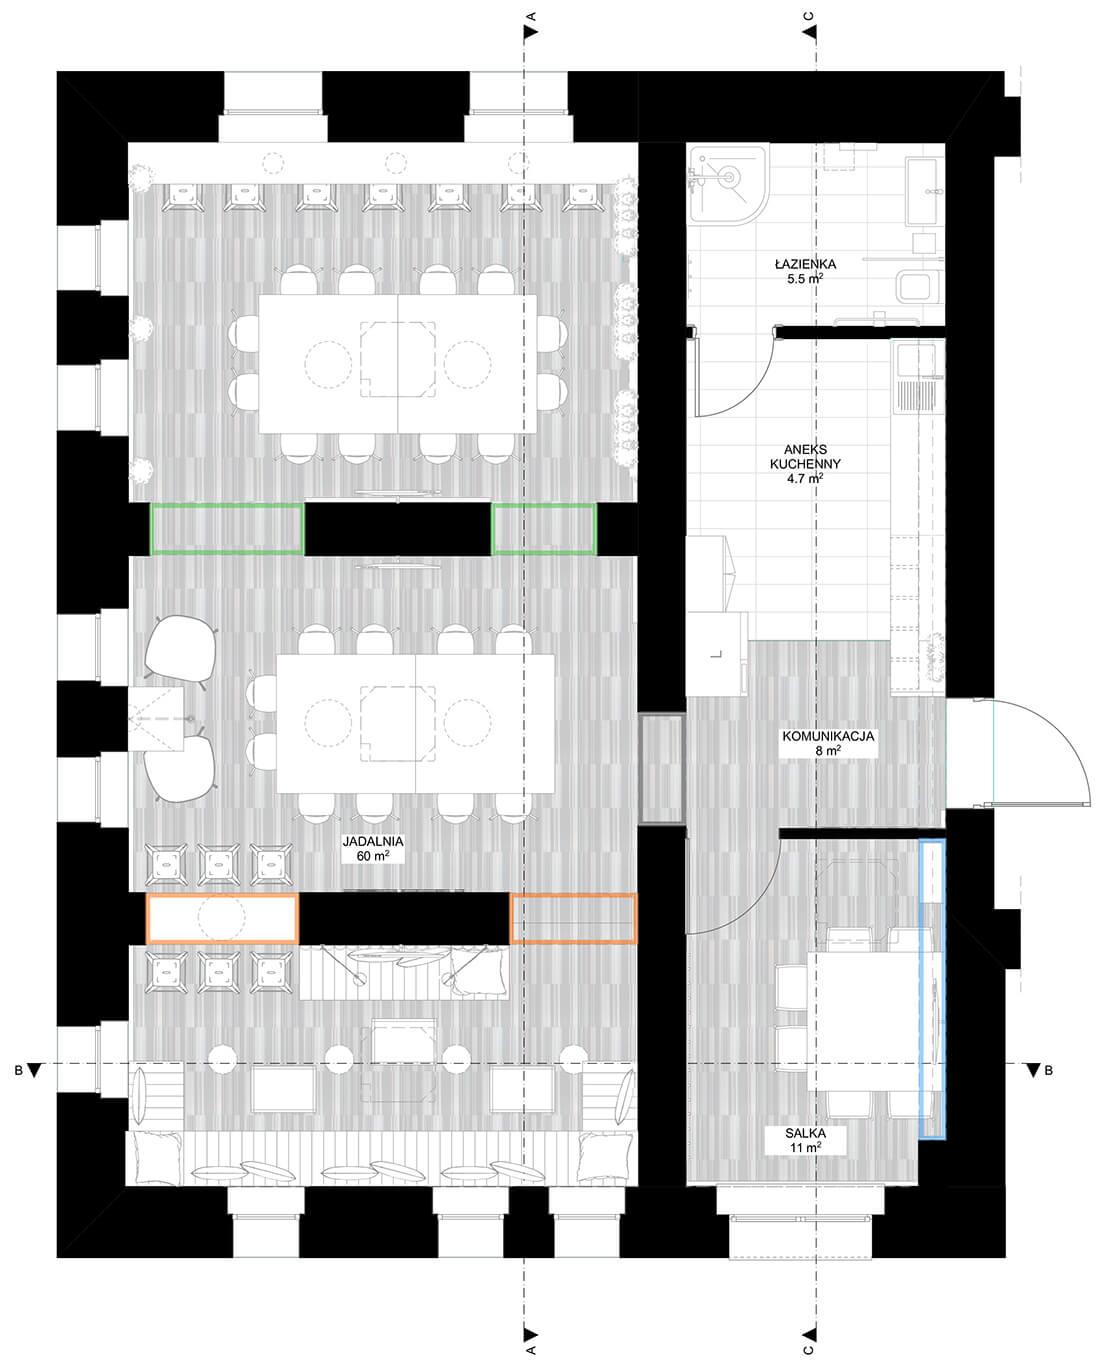 Rzut projektu wnętrza jadalni wraz z pomieszczeniami przyległymi